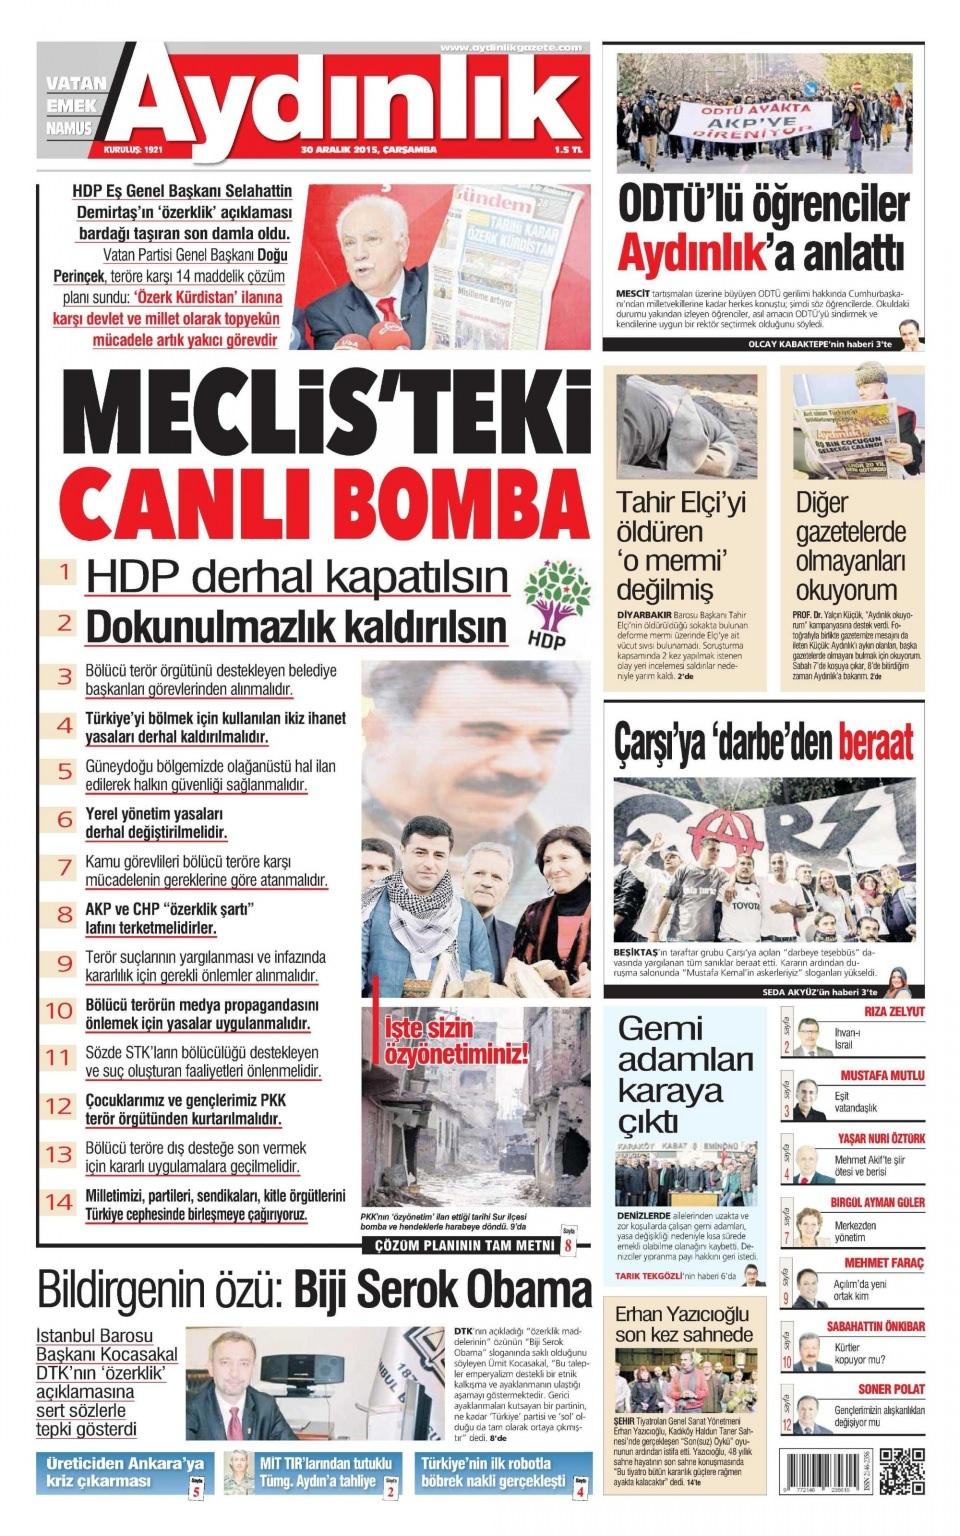 30 Aralık 2015 gazete manşetleri 3